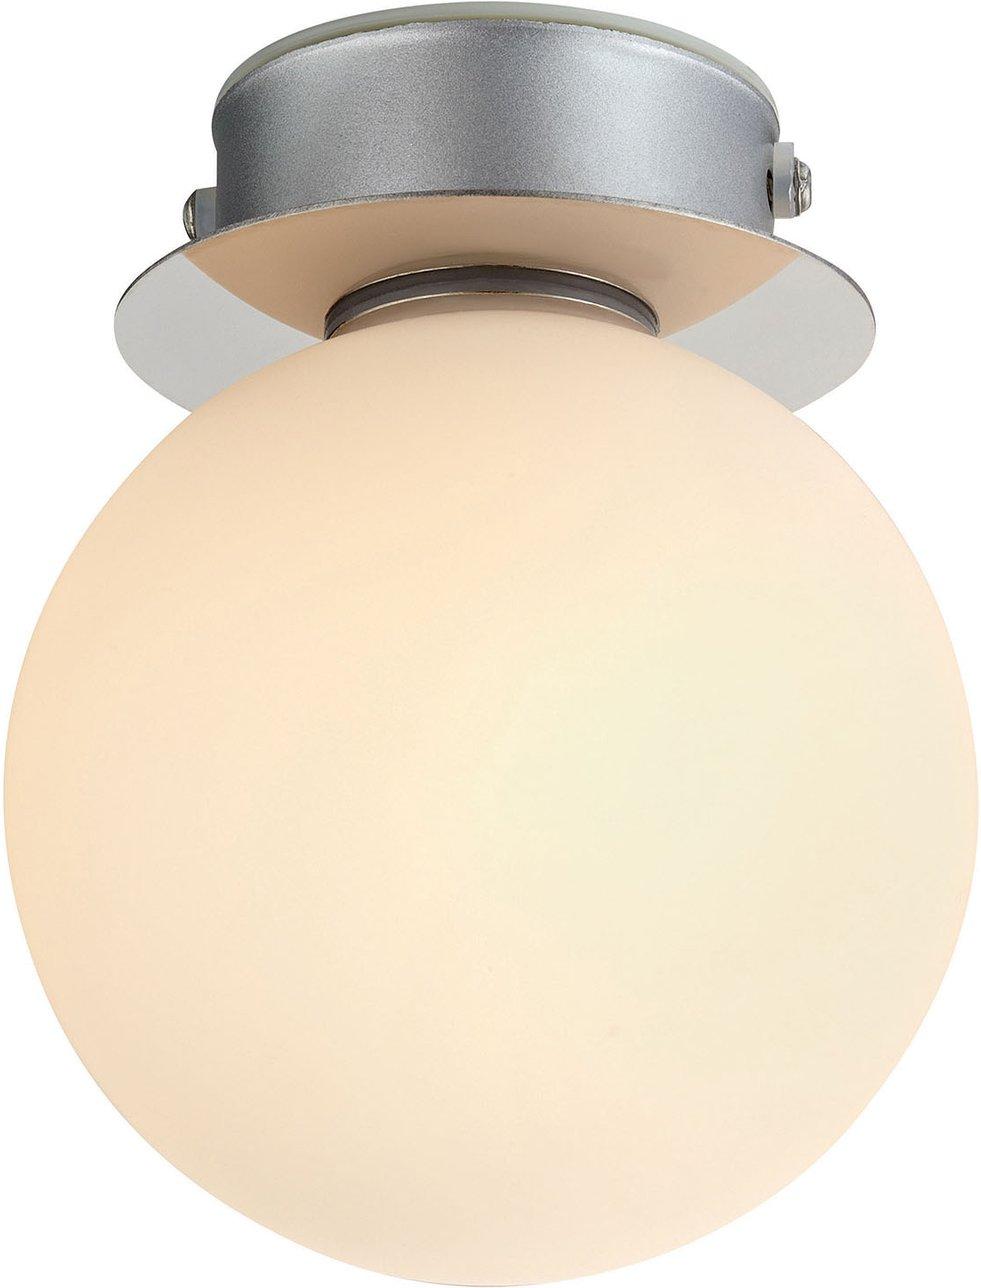 Mini bathroom ceiling light